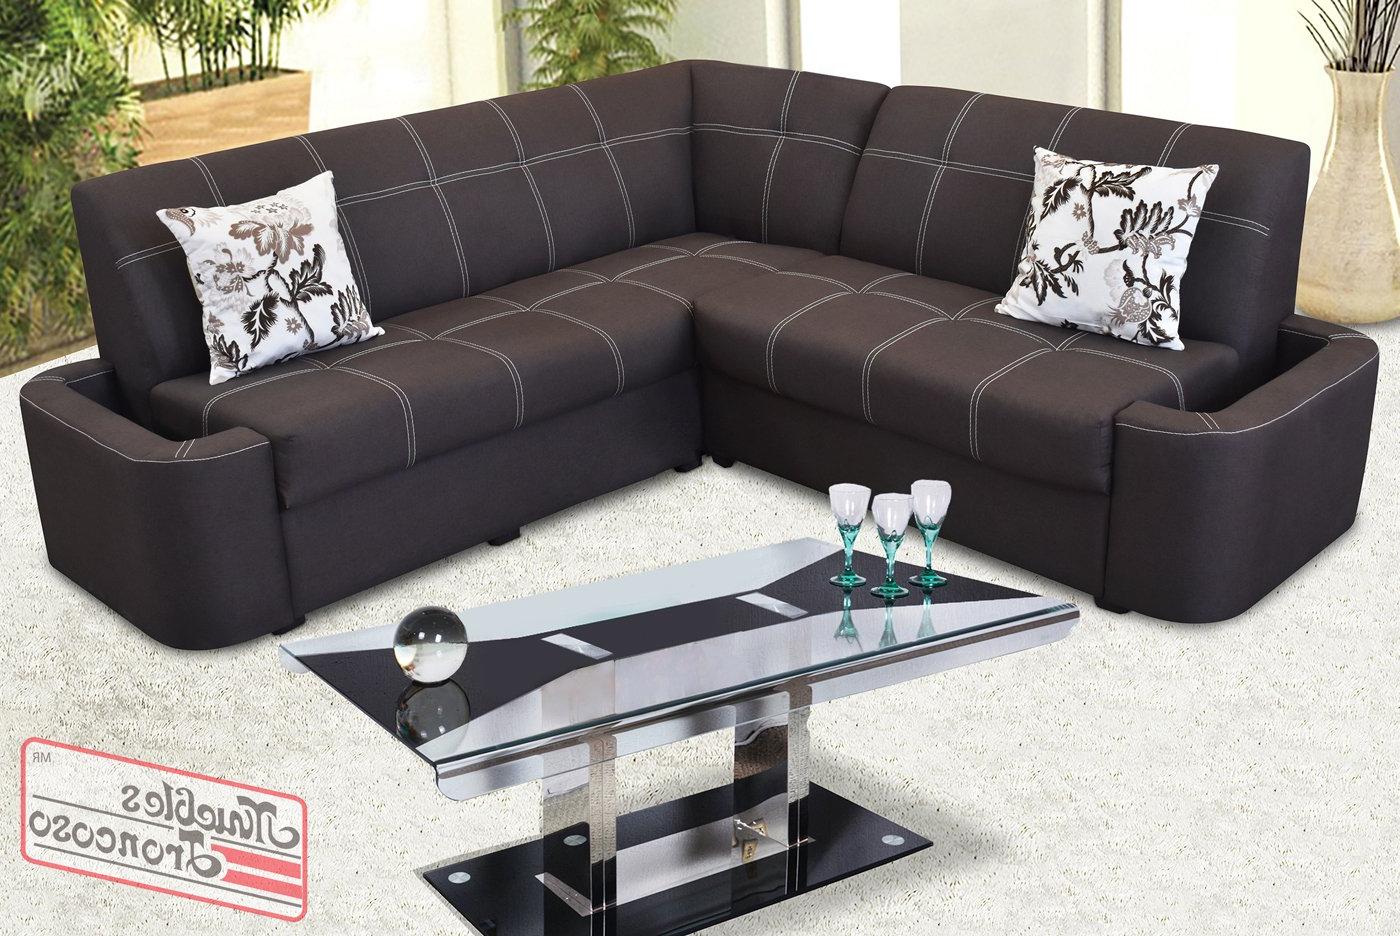 Muebles Sala X8d1 Salas Muebles Troncoso